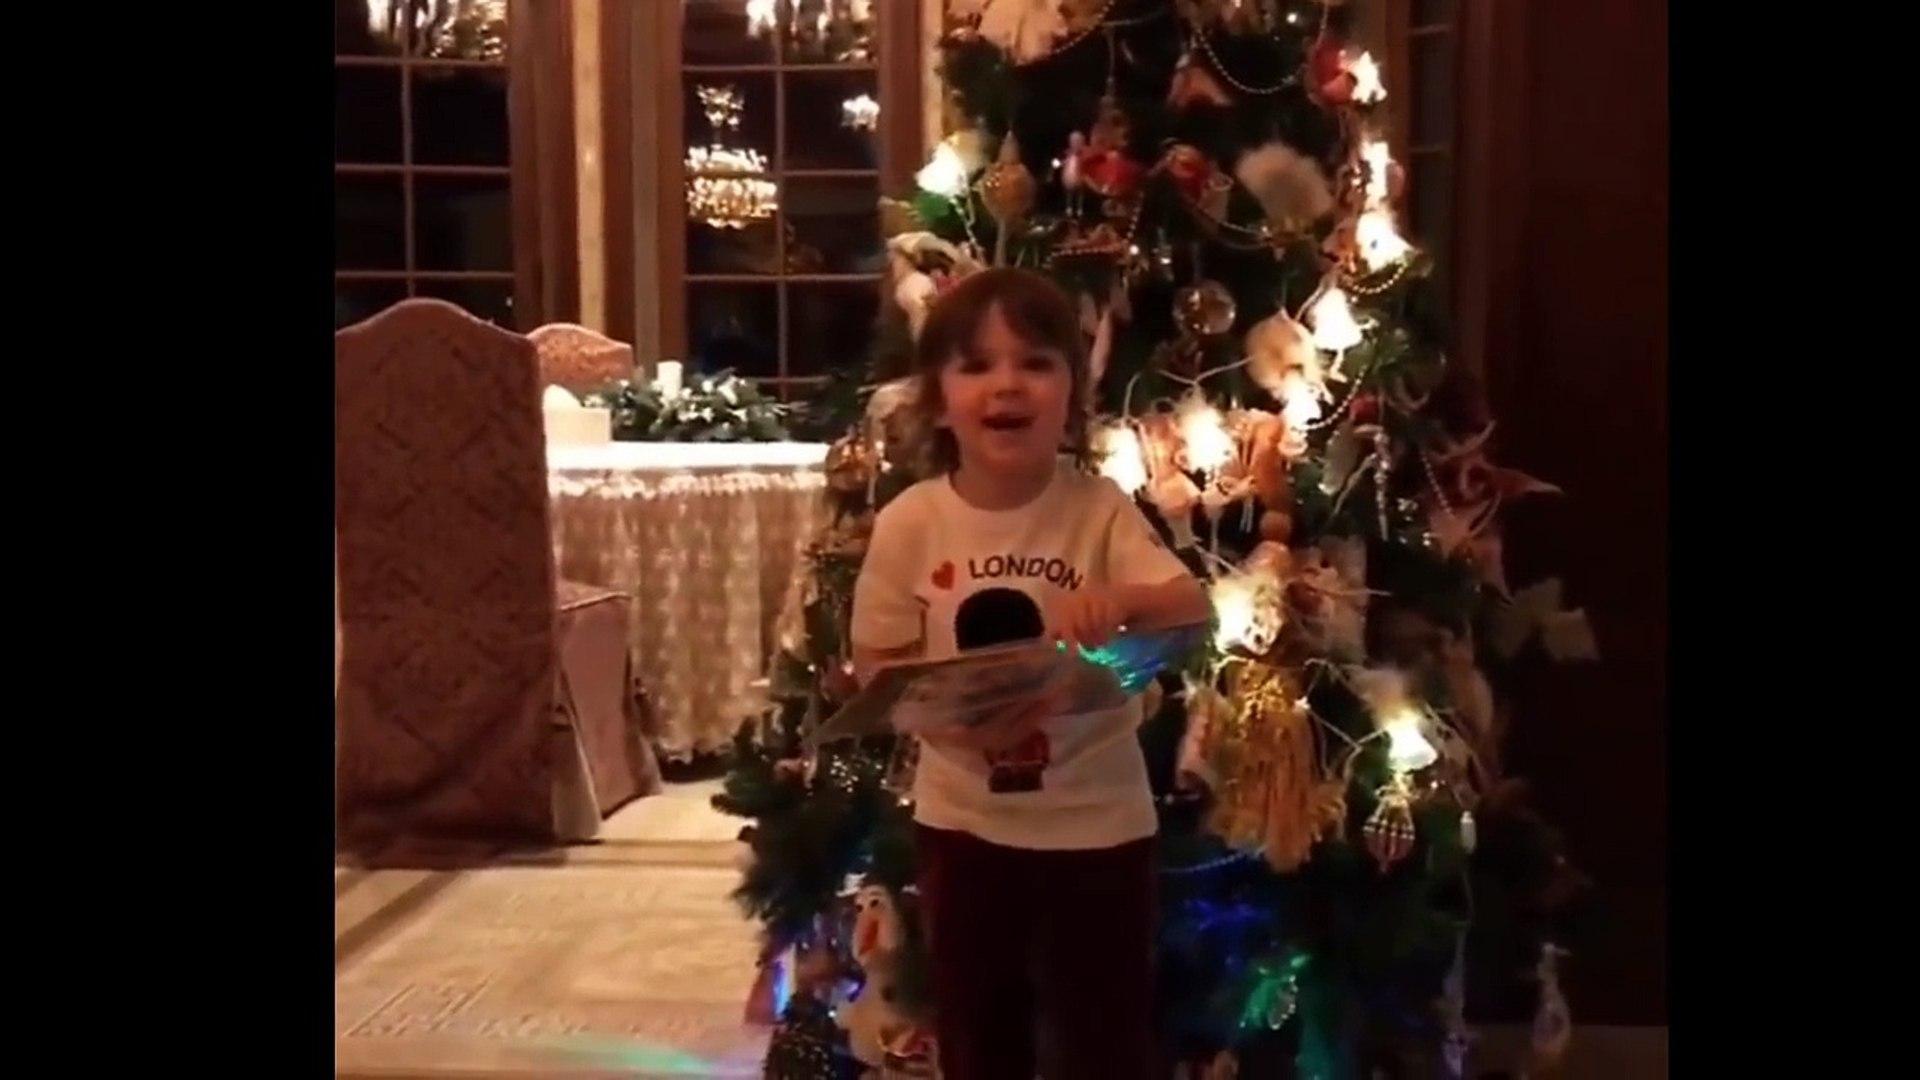 ДЕТИ ПУГАЧЕВОЙ И ГАЛКИНА: Лиза и Гарри в канун Нового Года! Новые видео и фото!